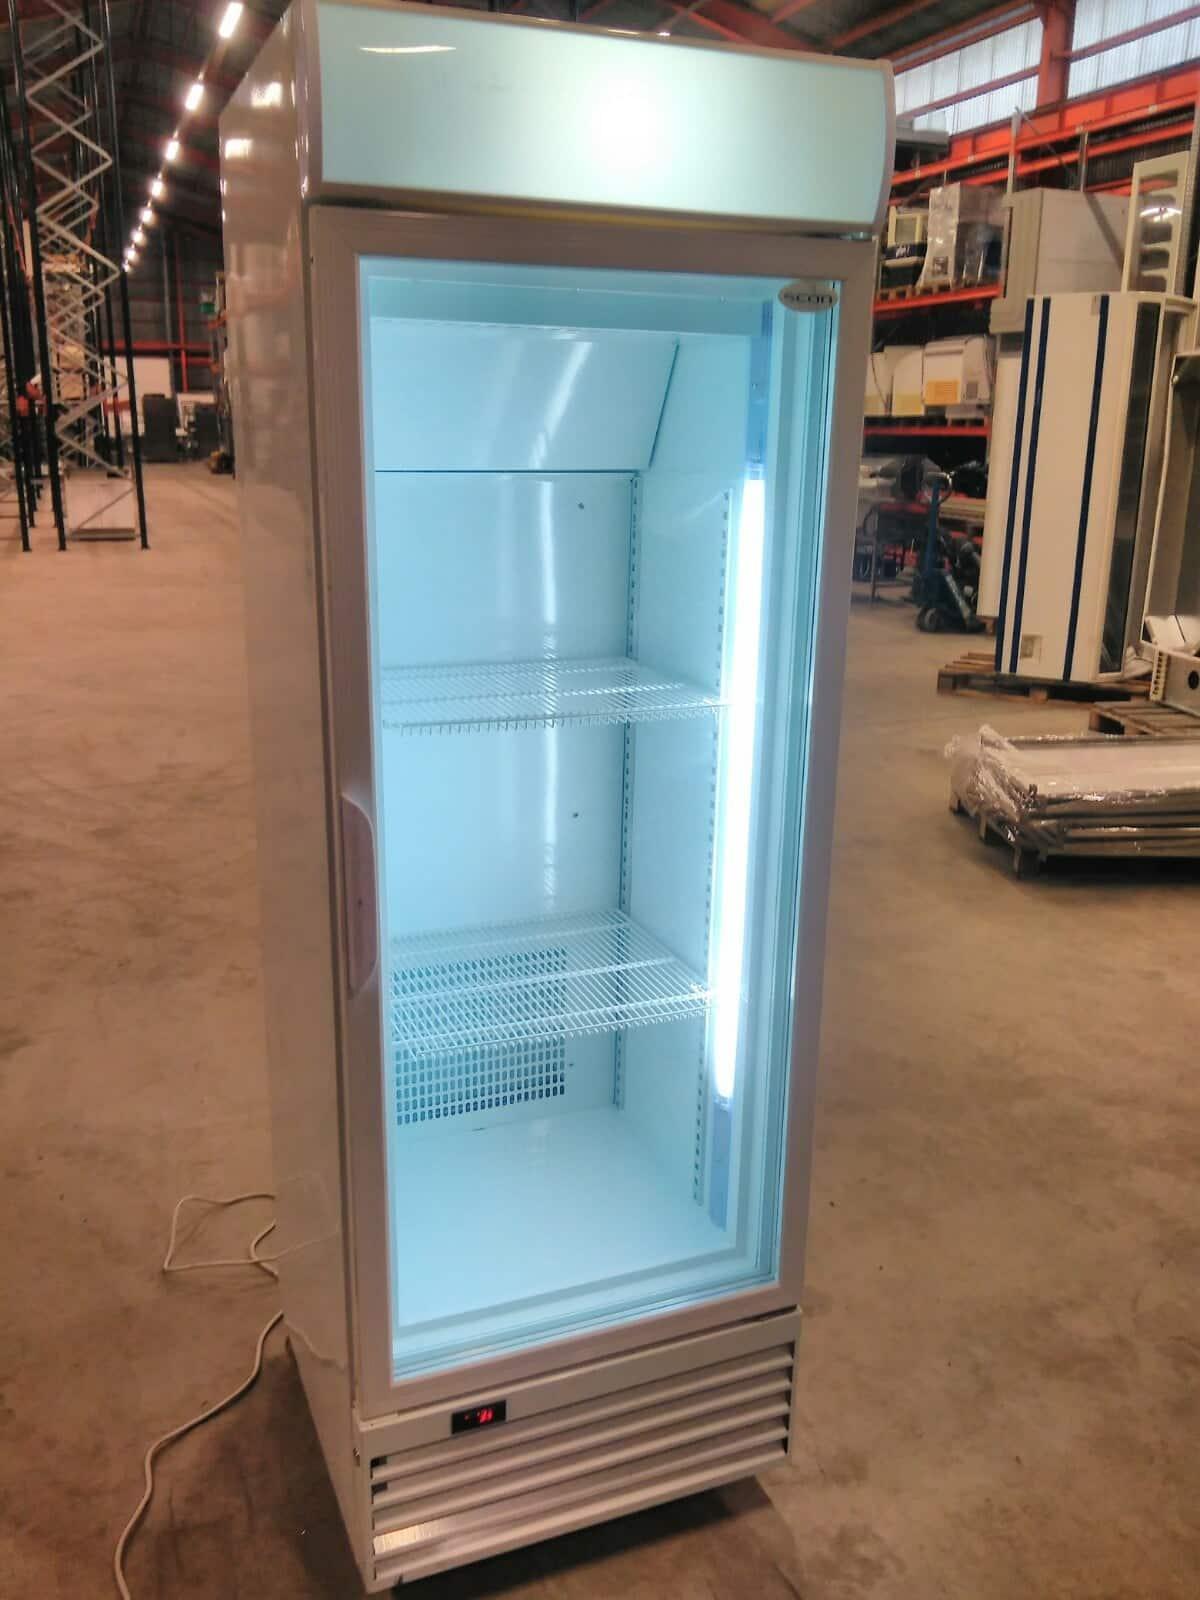 27c623af563 Sügavkülmik Scancool KF520 - Kreutz OÜ - Külmseadmed ja suurköögiseadmed